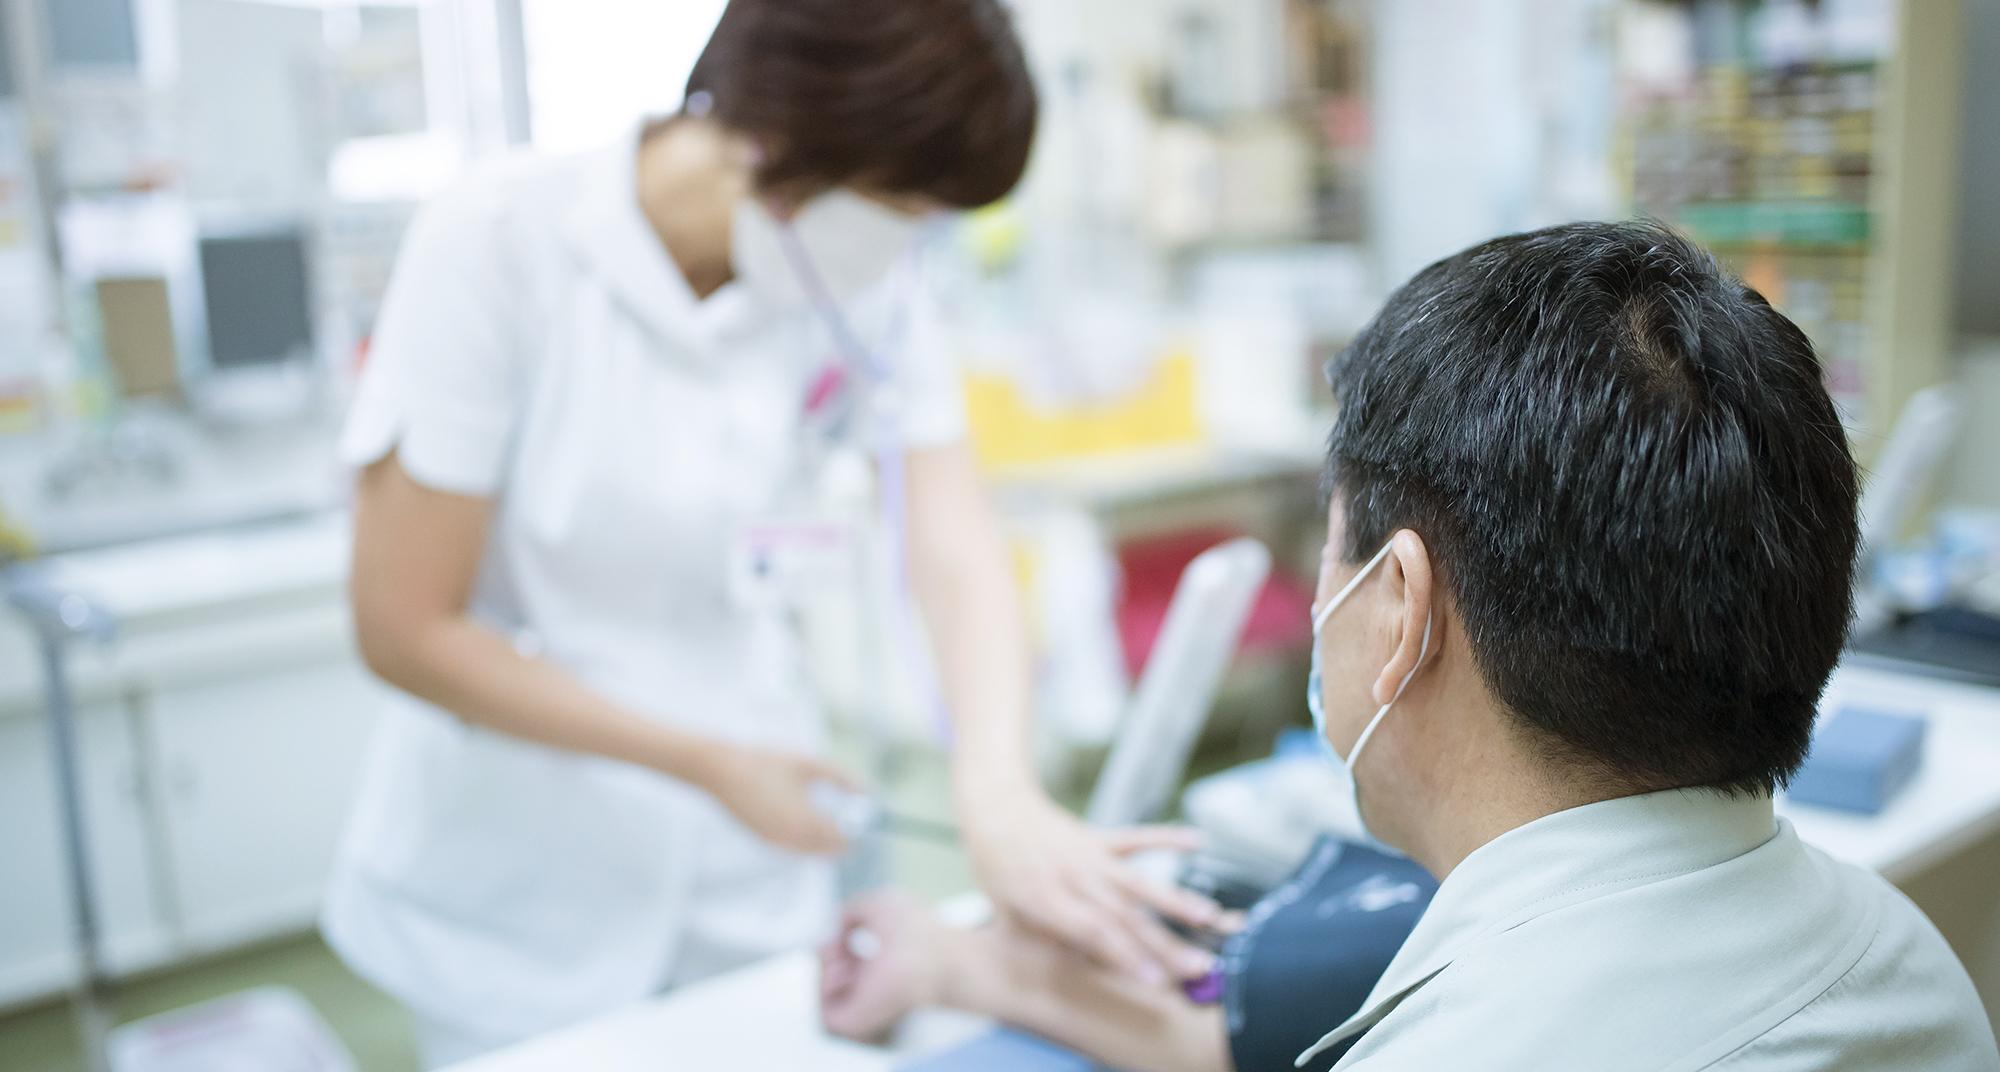 はらだ病院の労災二次健康診断 健康診断